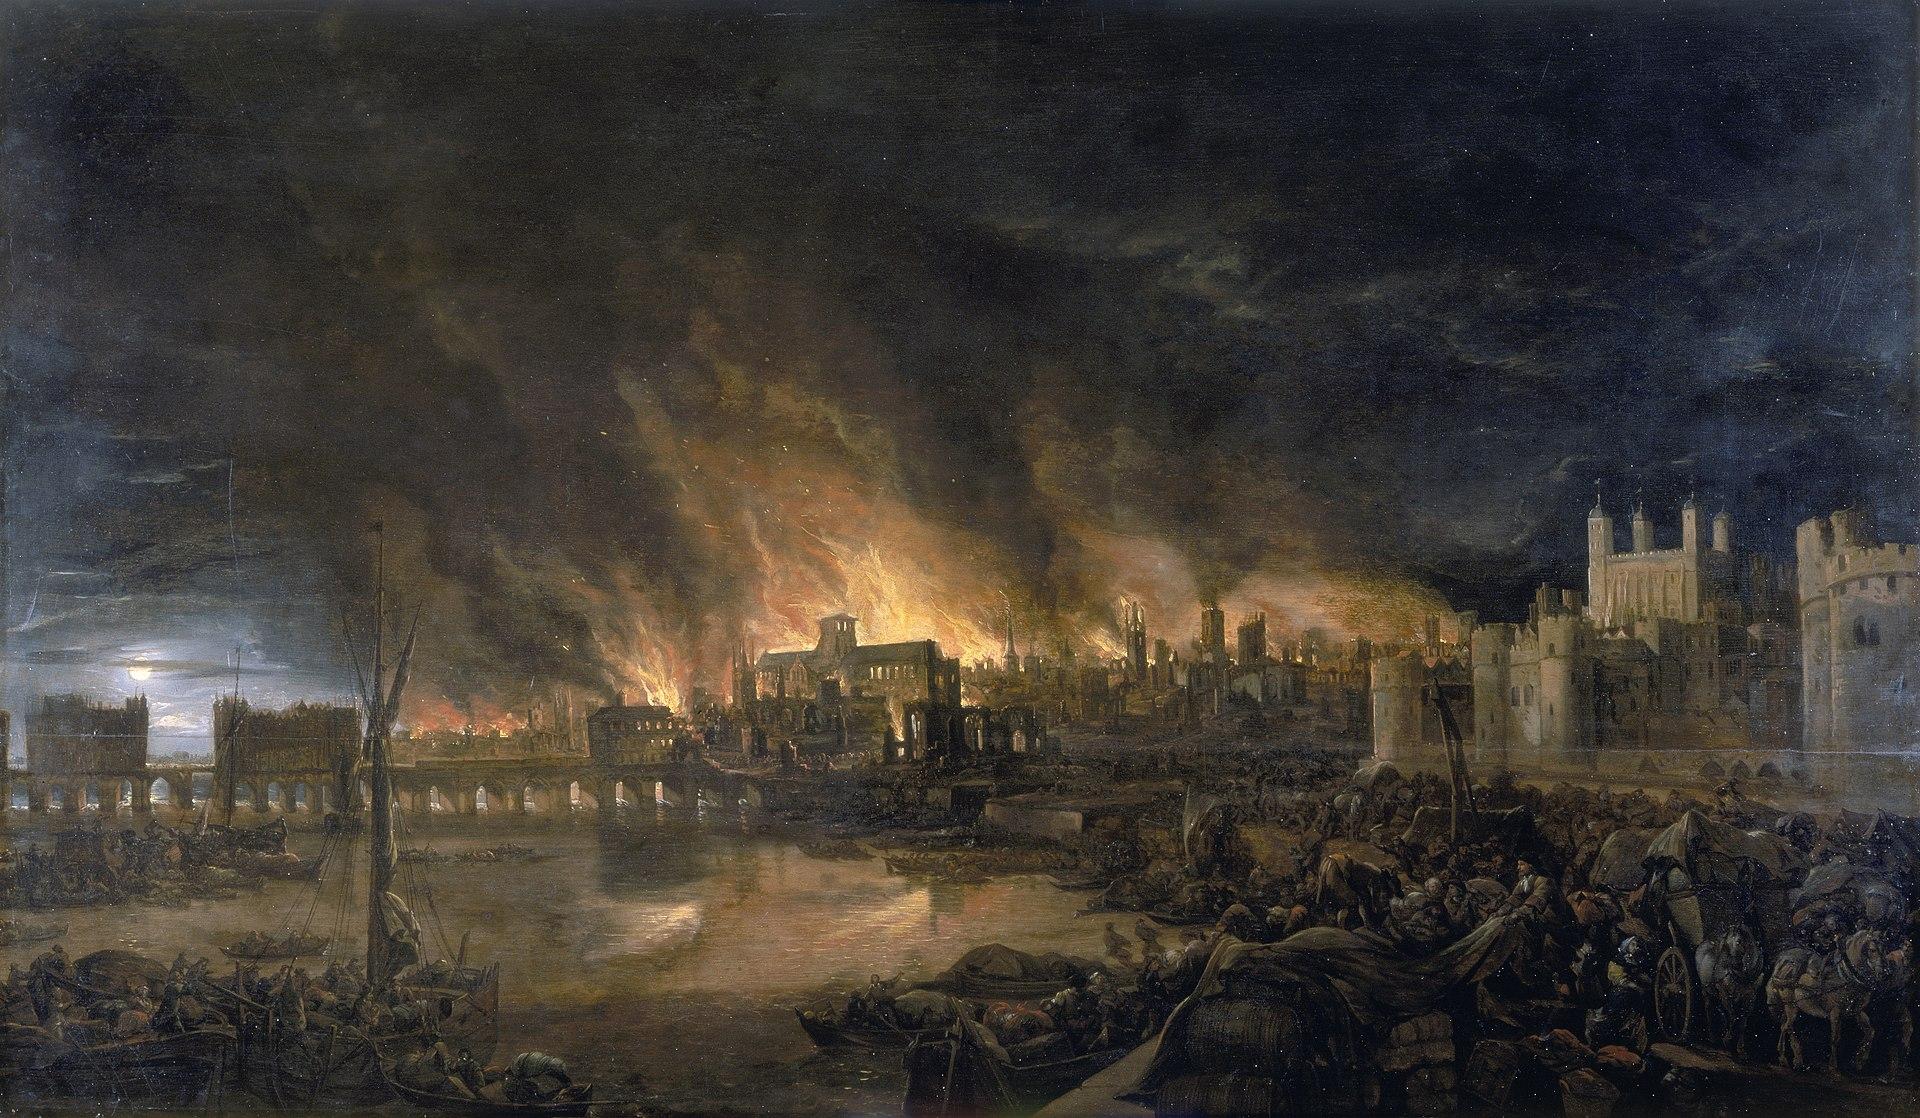 Полотно-воспоминание - написано в 1675 году, спустя девять лет после пожара, неизвестным художником.